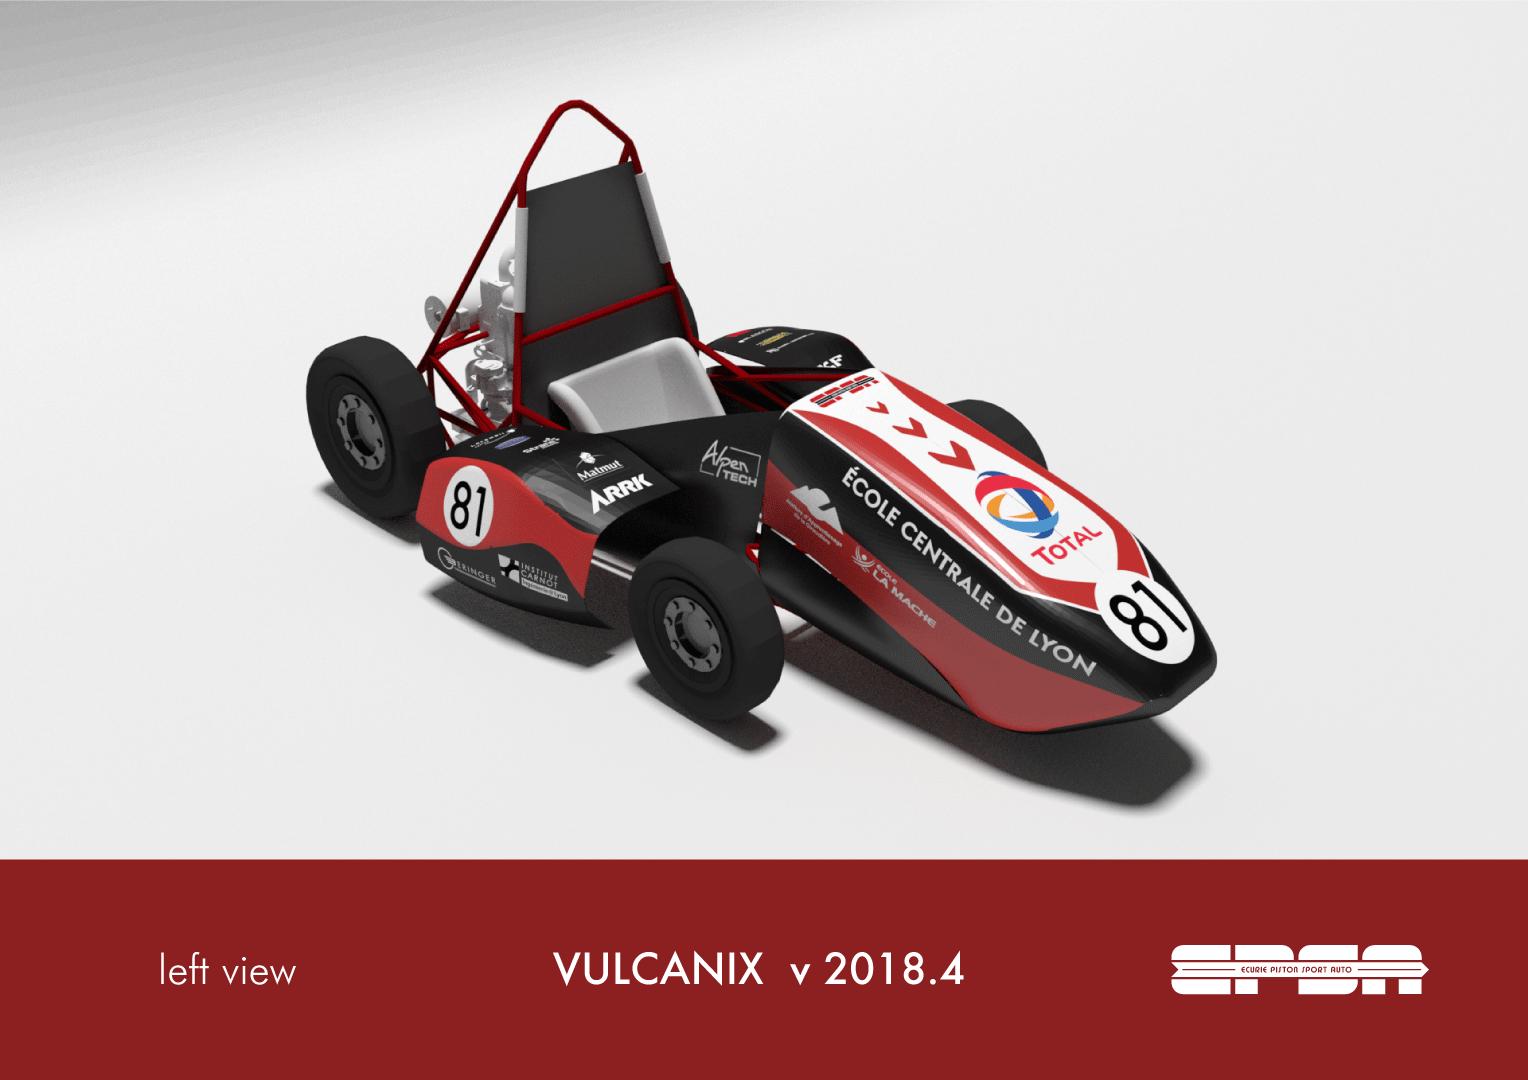 Vulcanix_2018.4_a